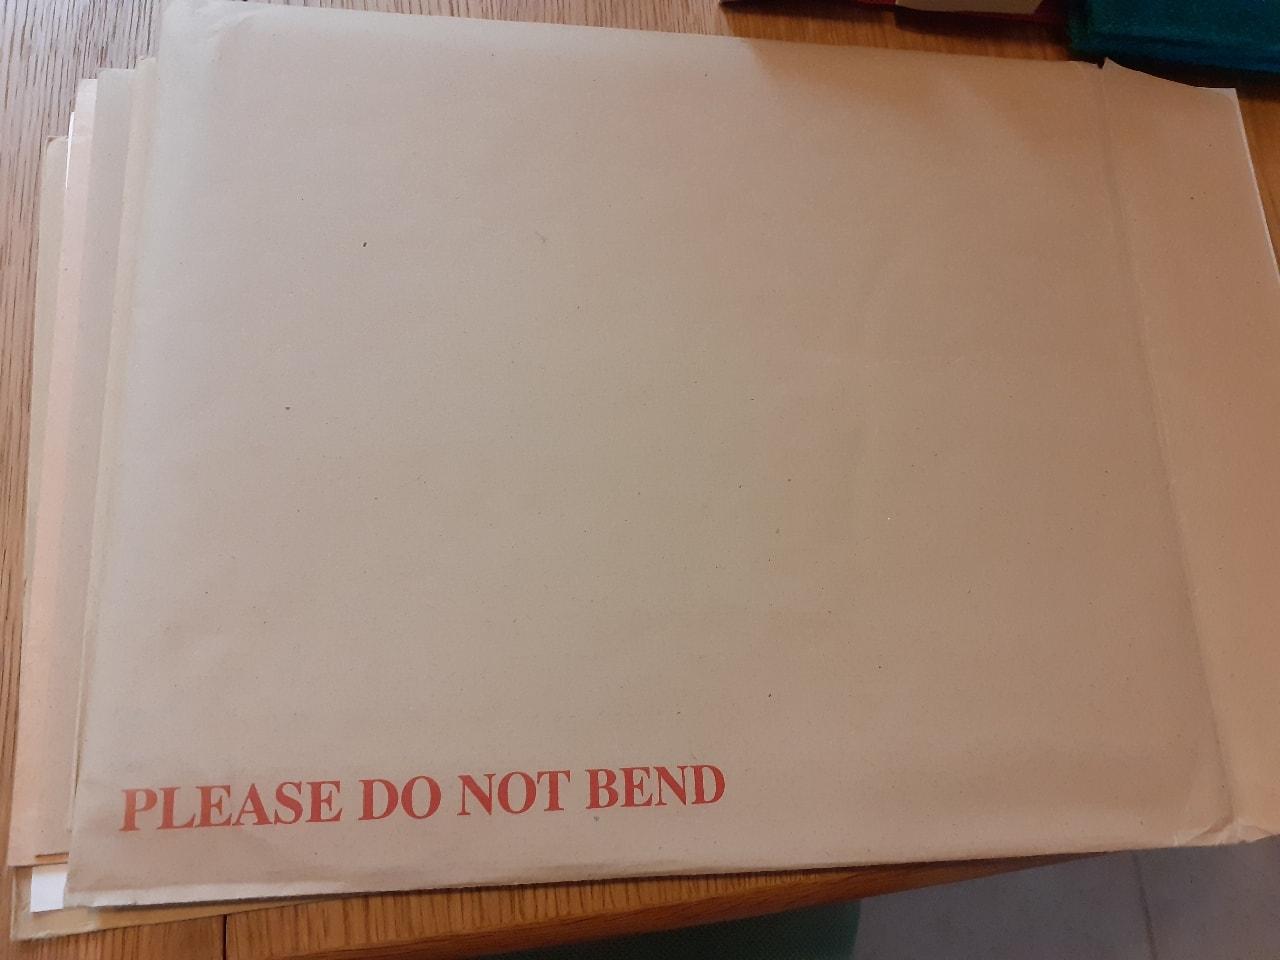 Sturdy envelopes e.g. for certificates